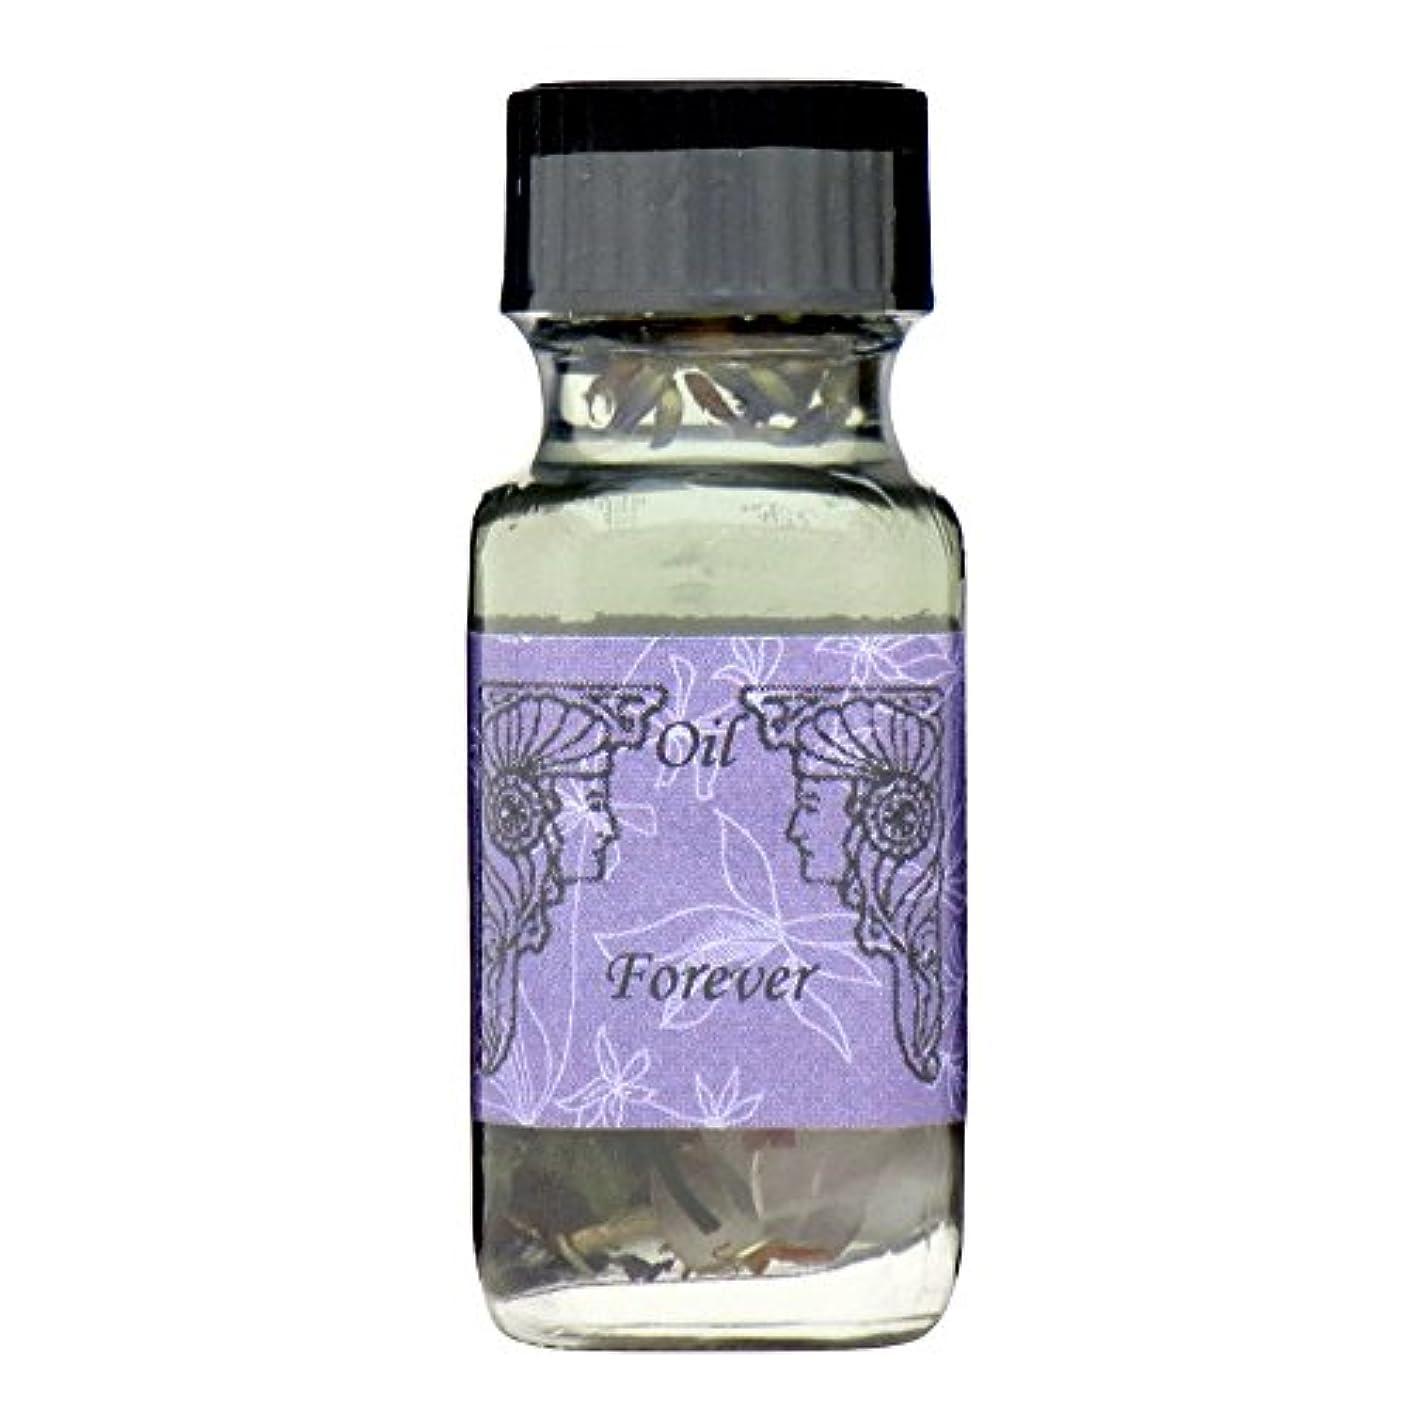 悲観主義者孤児占めるアンシェントメモリーオイル フォーエバー (永続的な関係) 15ml (Ancient Memory Oils)